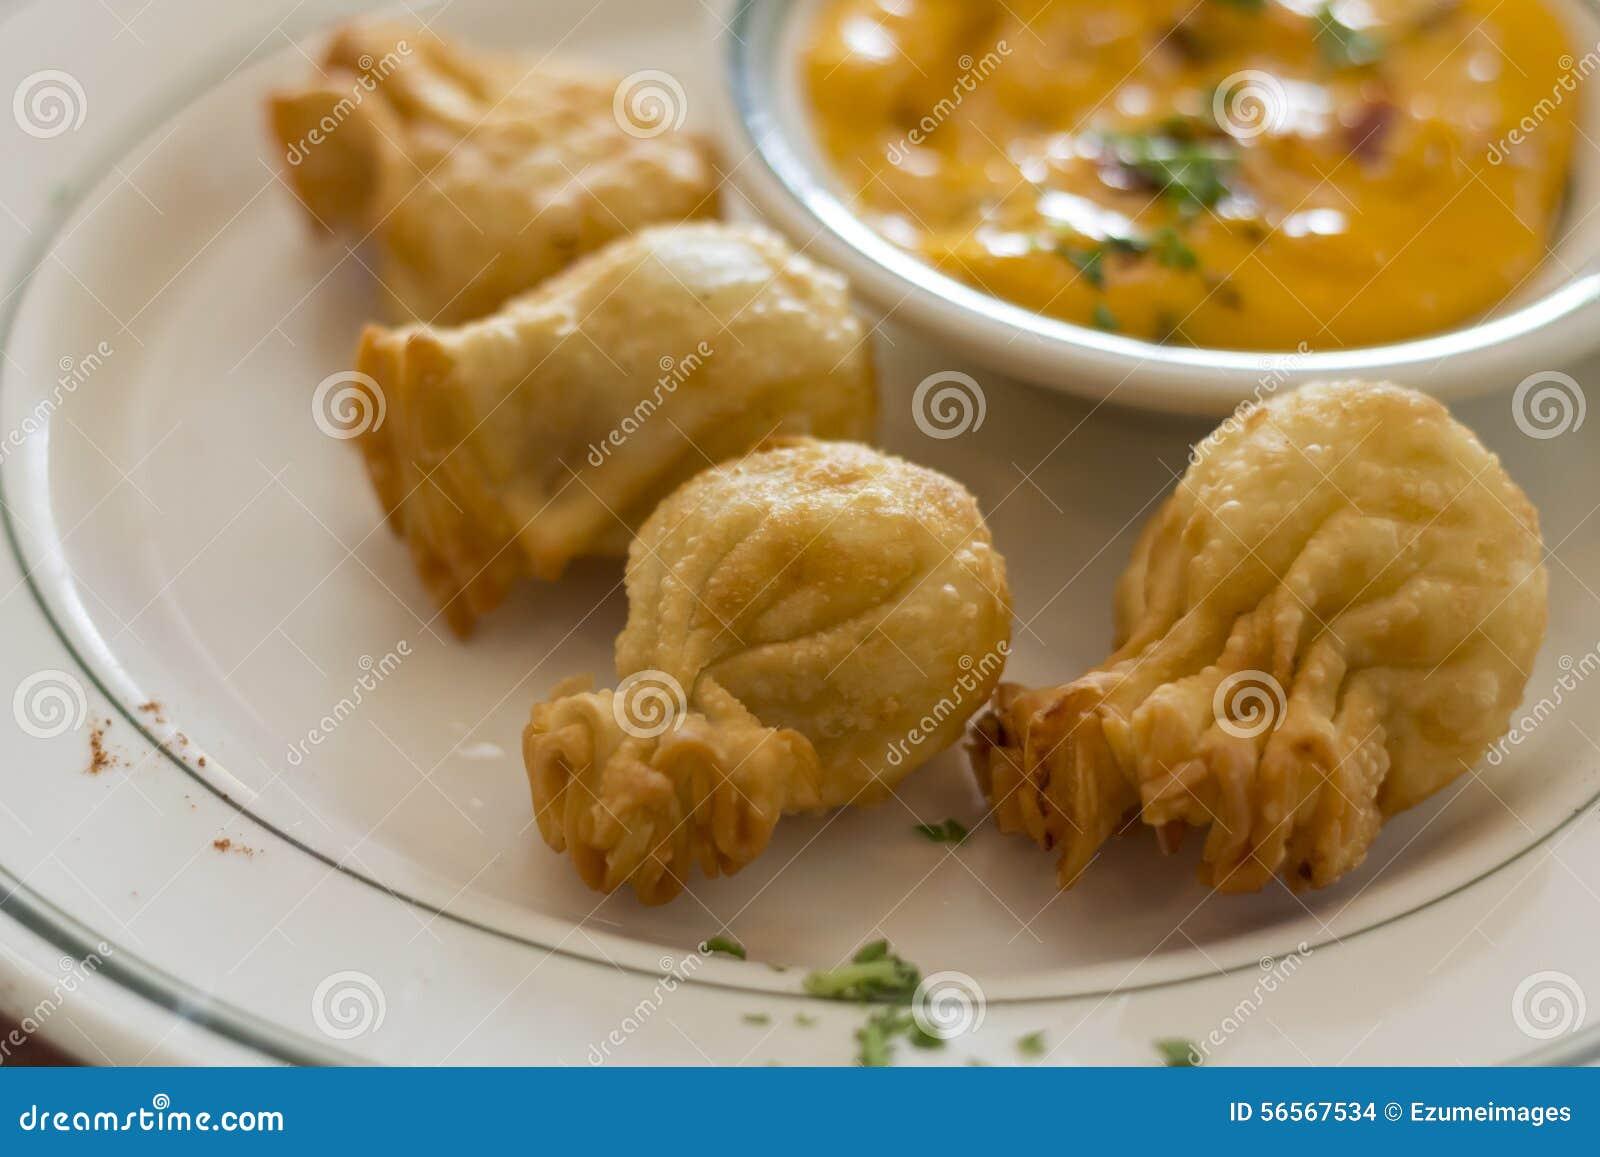 Potatis Knish